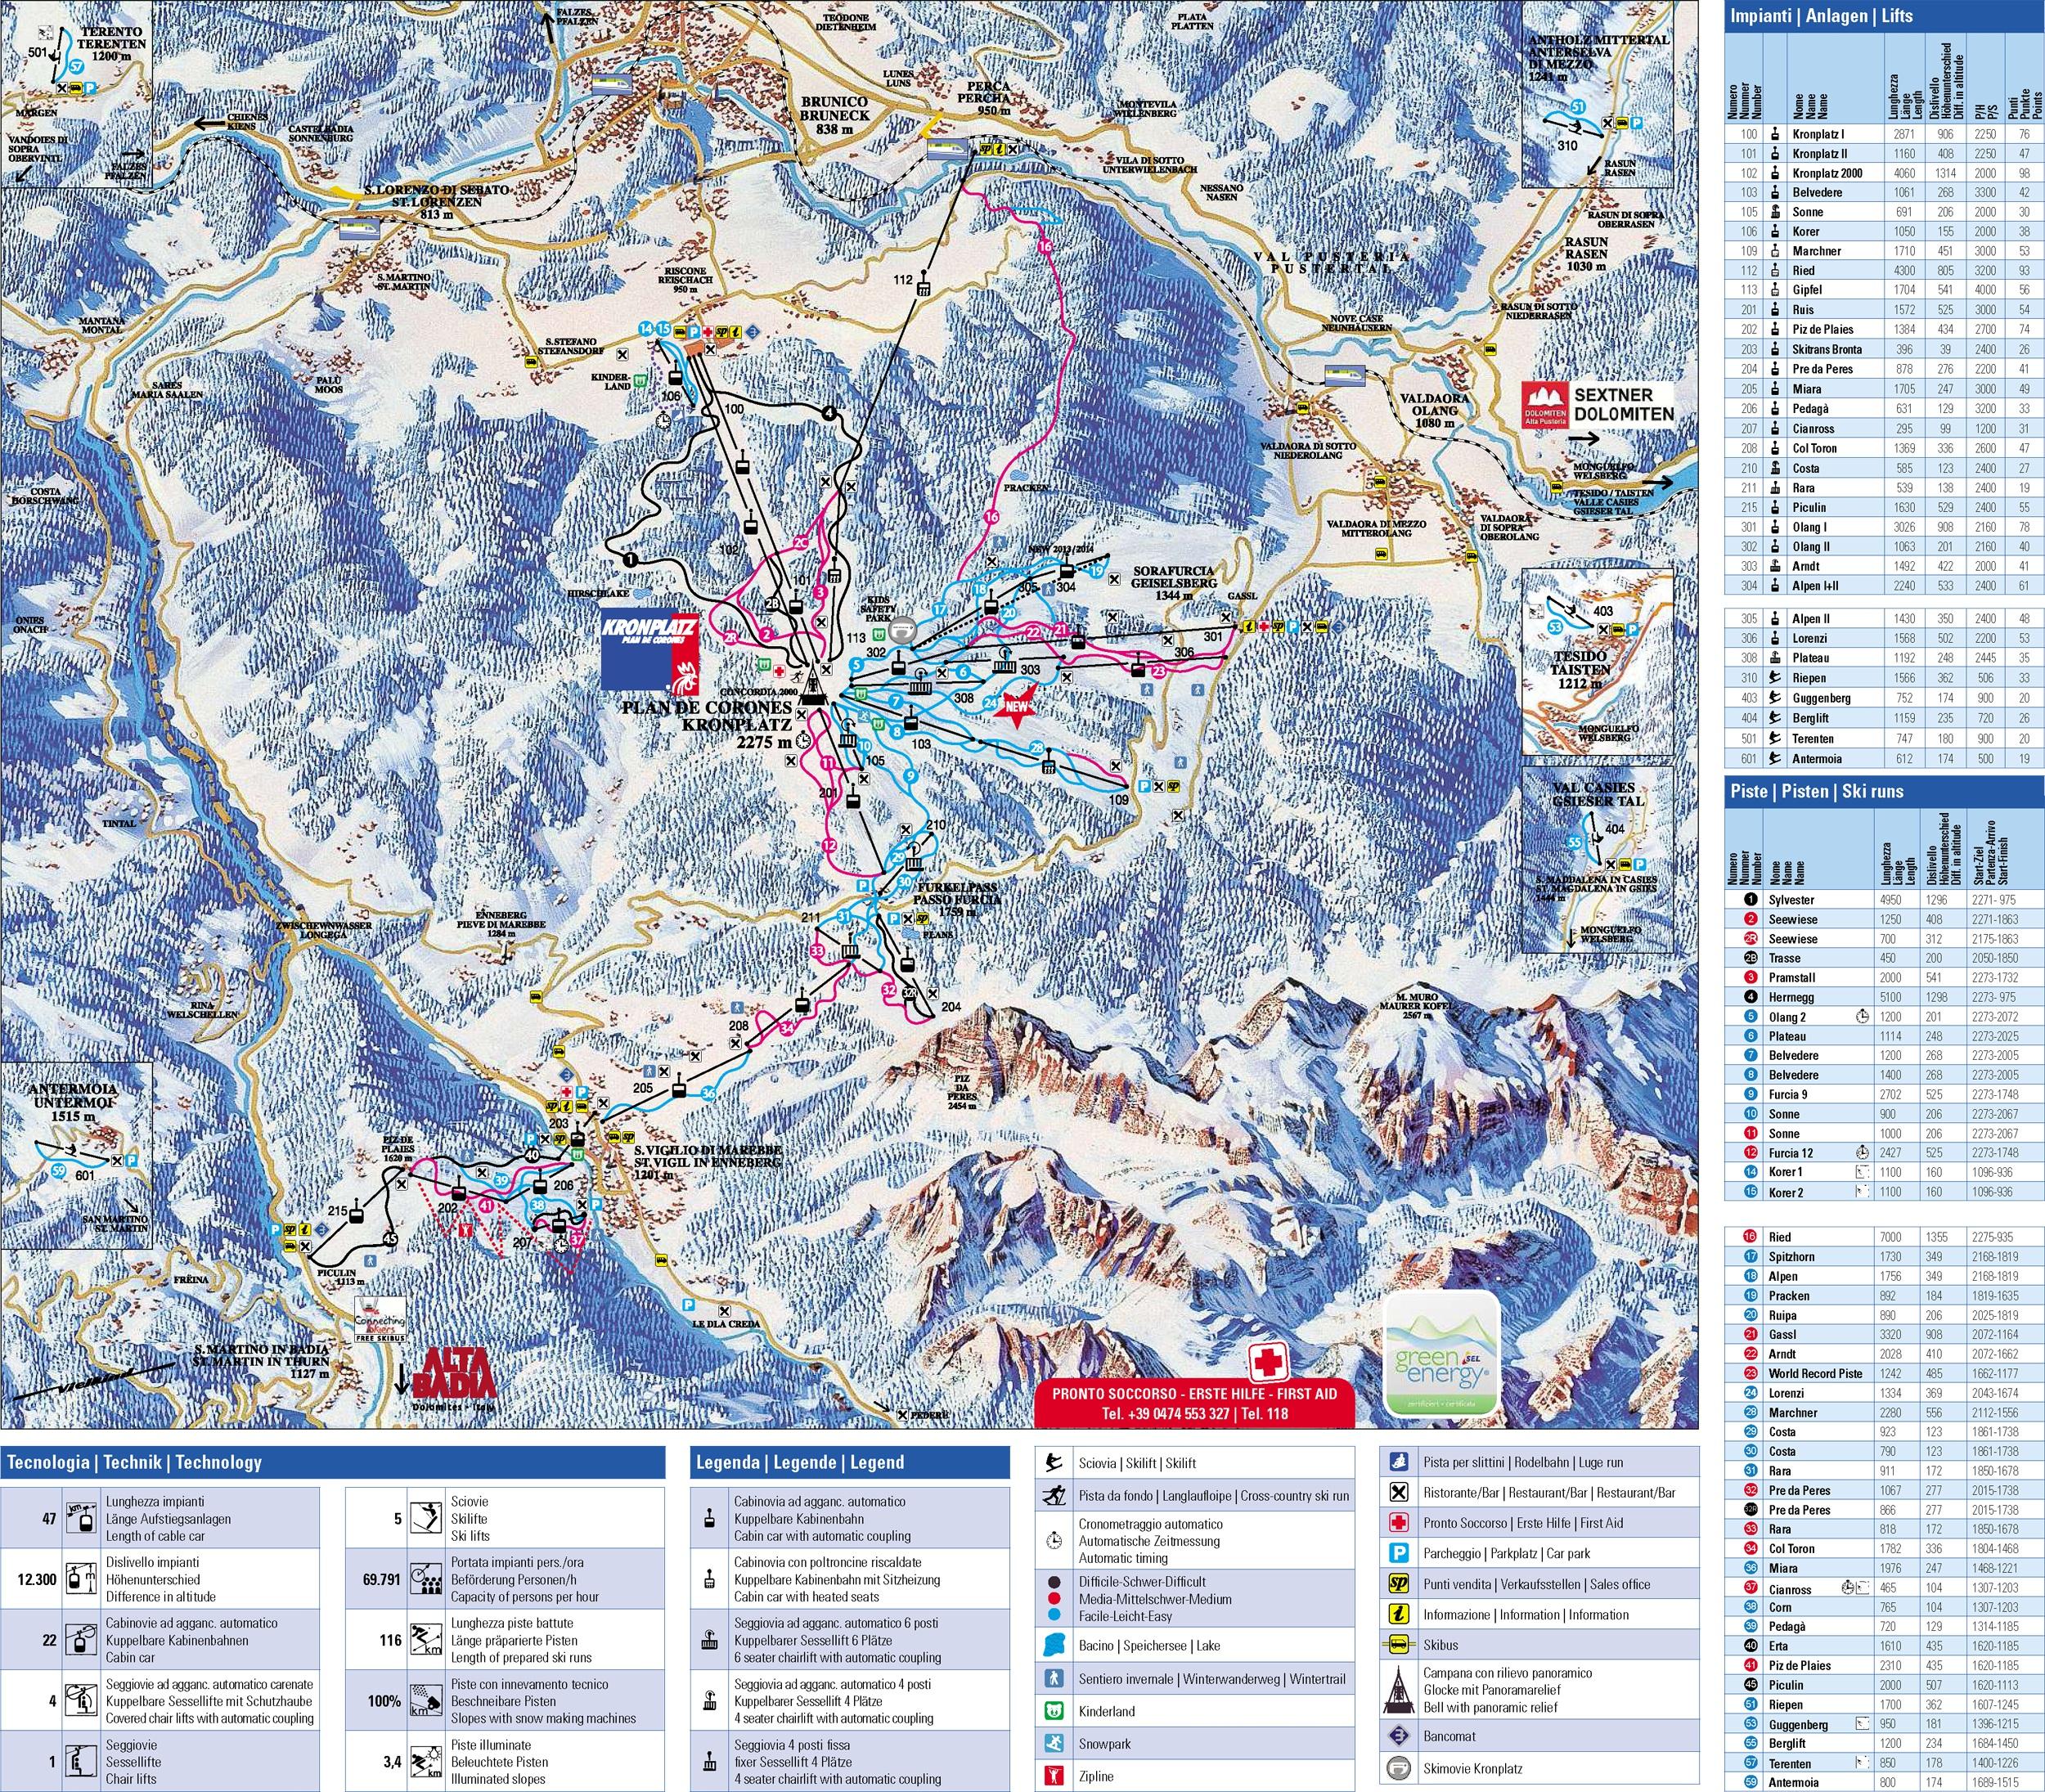 Pistes Map of San Vigilio di Marebbe